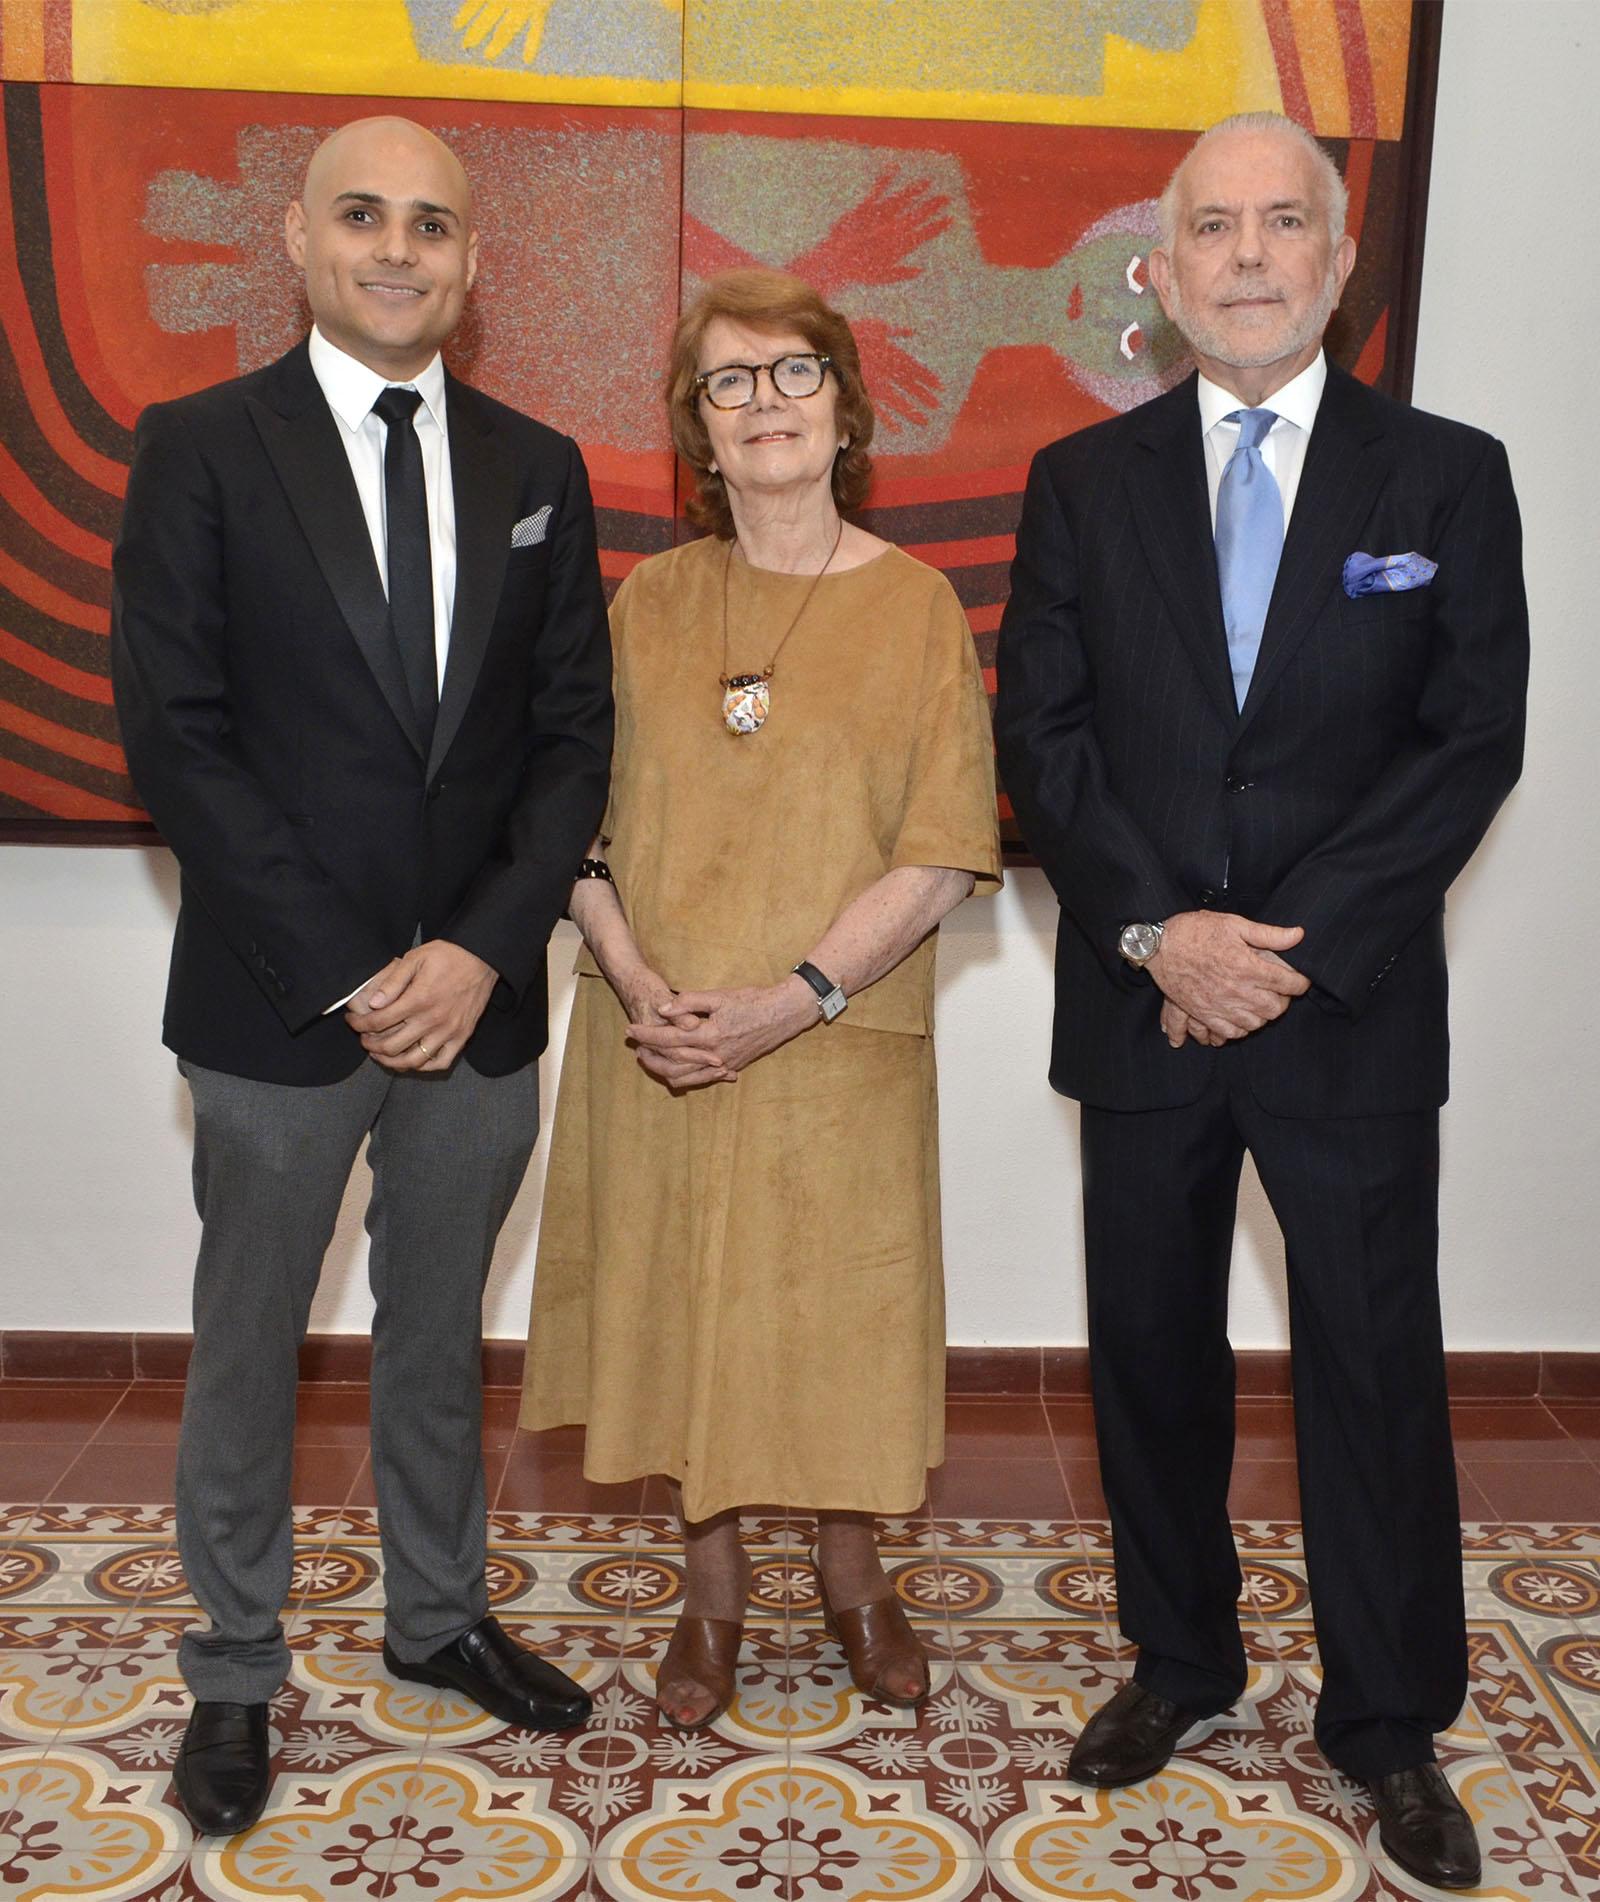 Fotografia Principal Alex Martínez Suárez, Marianne de Tolentino y George Manuel Hazoury Peña.jpg